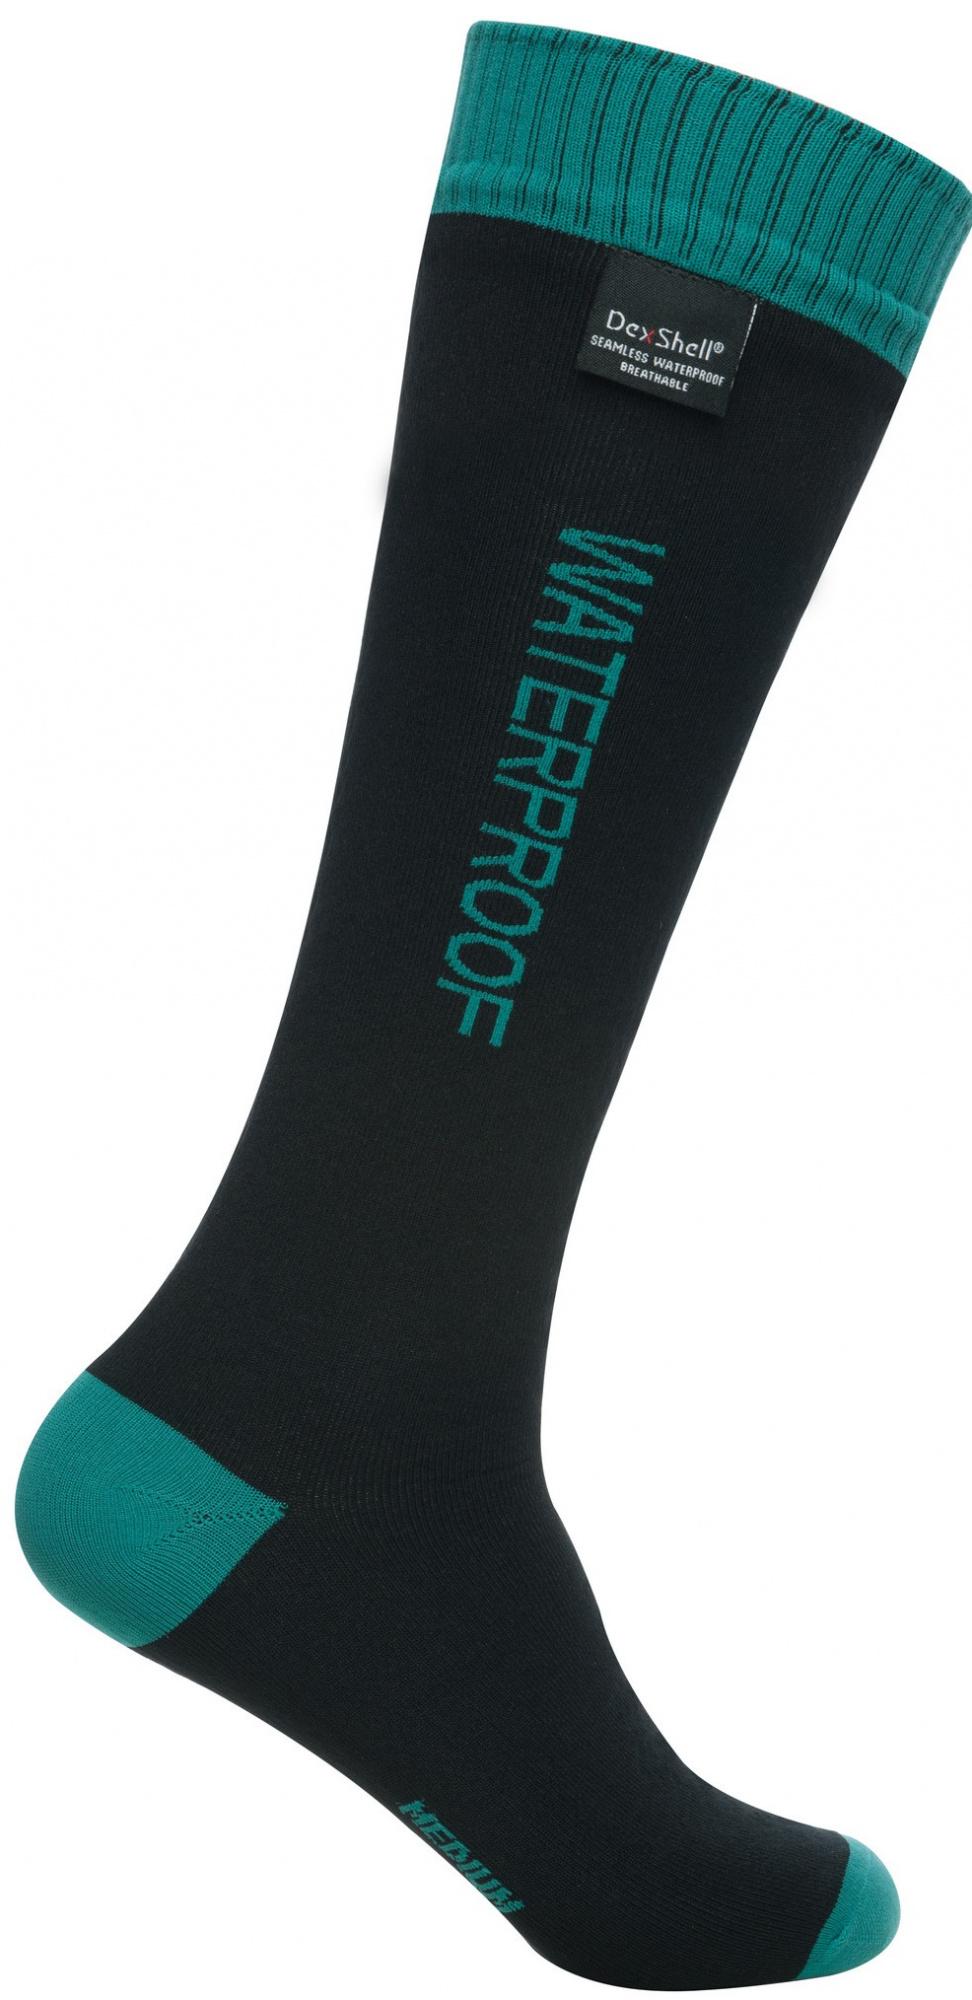 WadingТуристическая одежда<br>Водонепроницаемые носки<br>